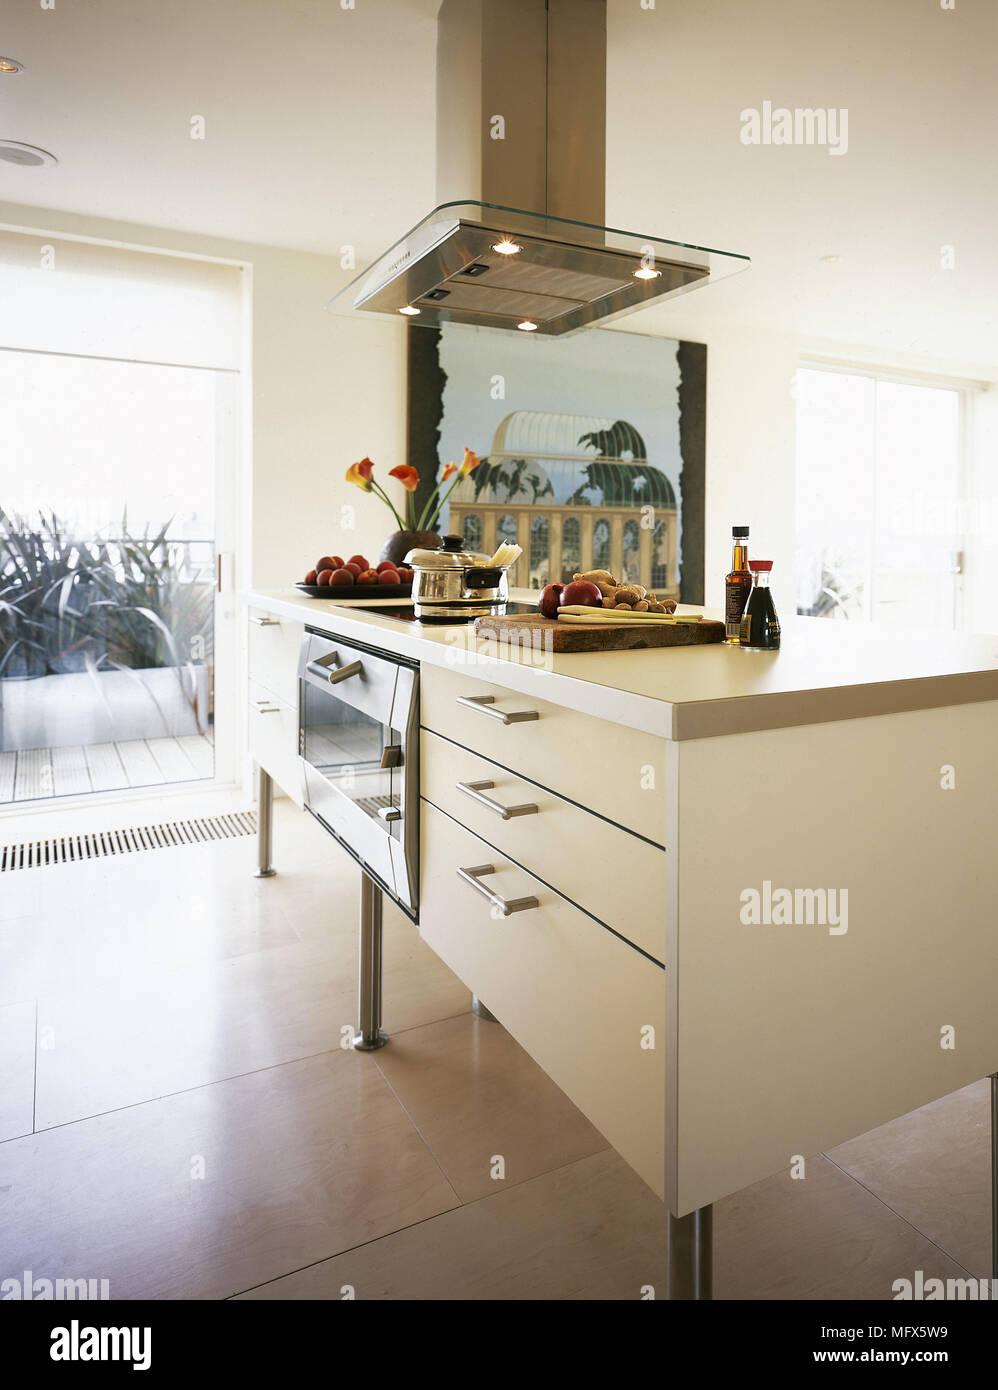 Die moderne, offene Küche mit Fliesenboden, zentrale Insel ...